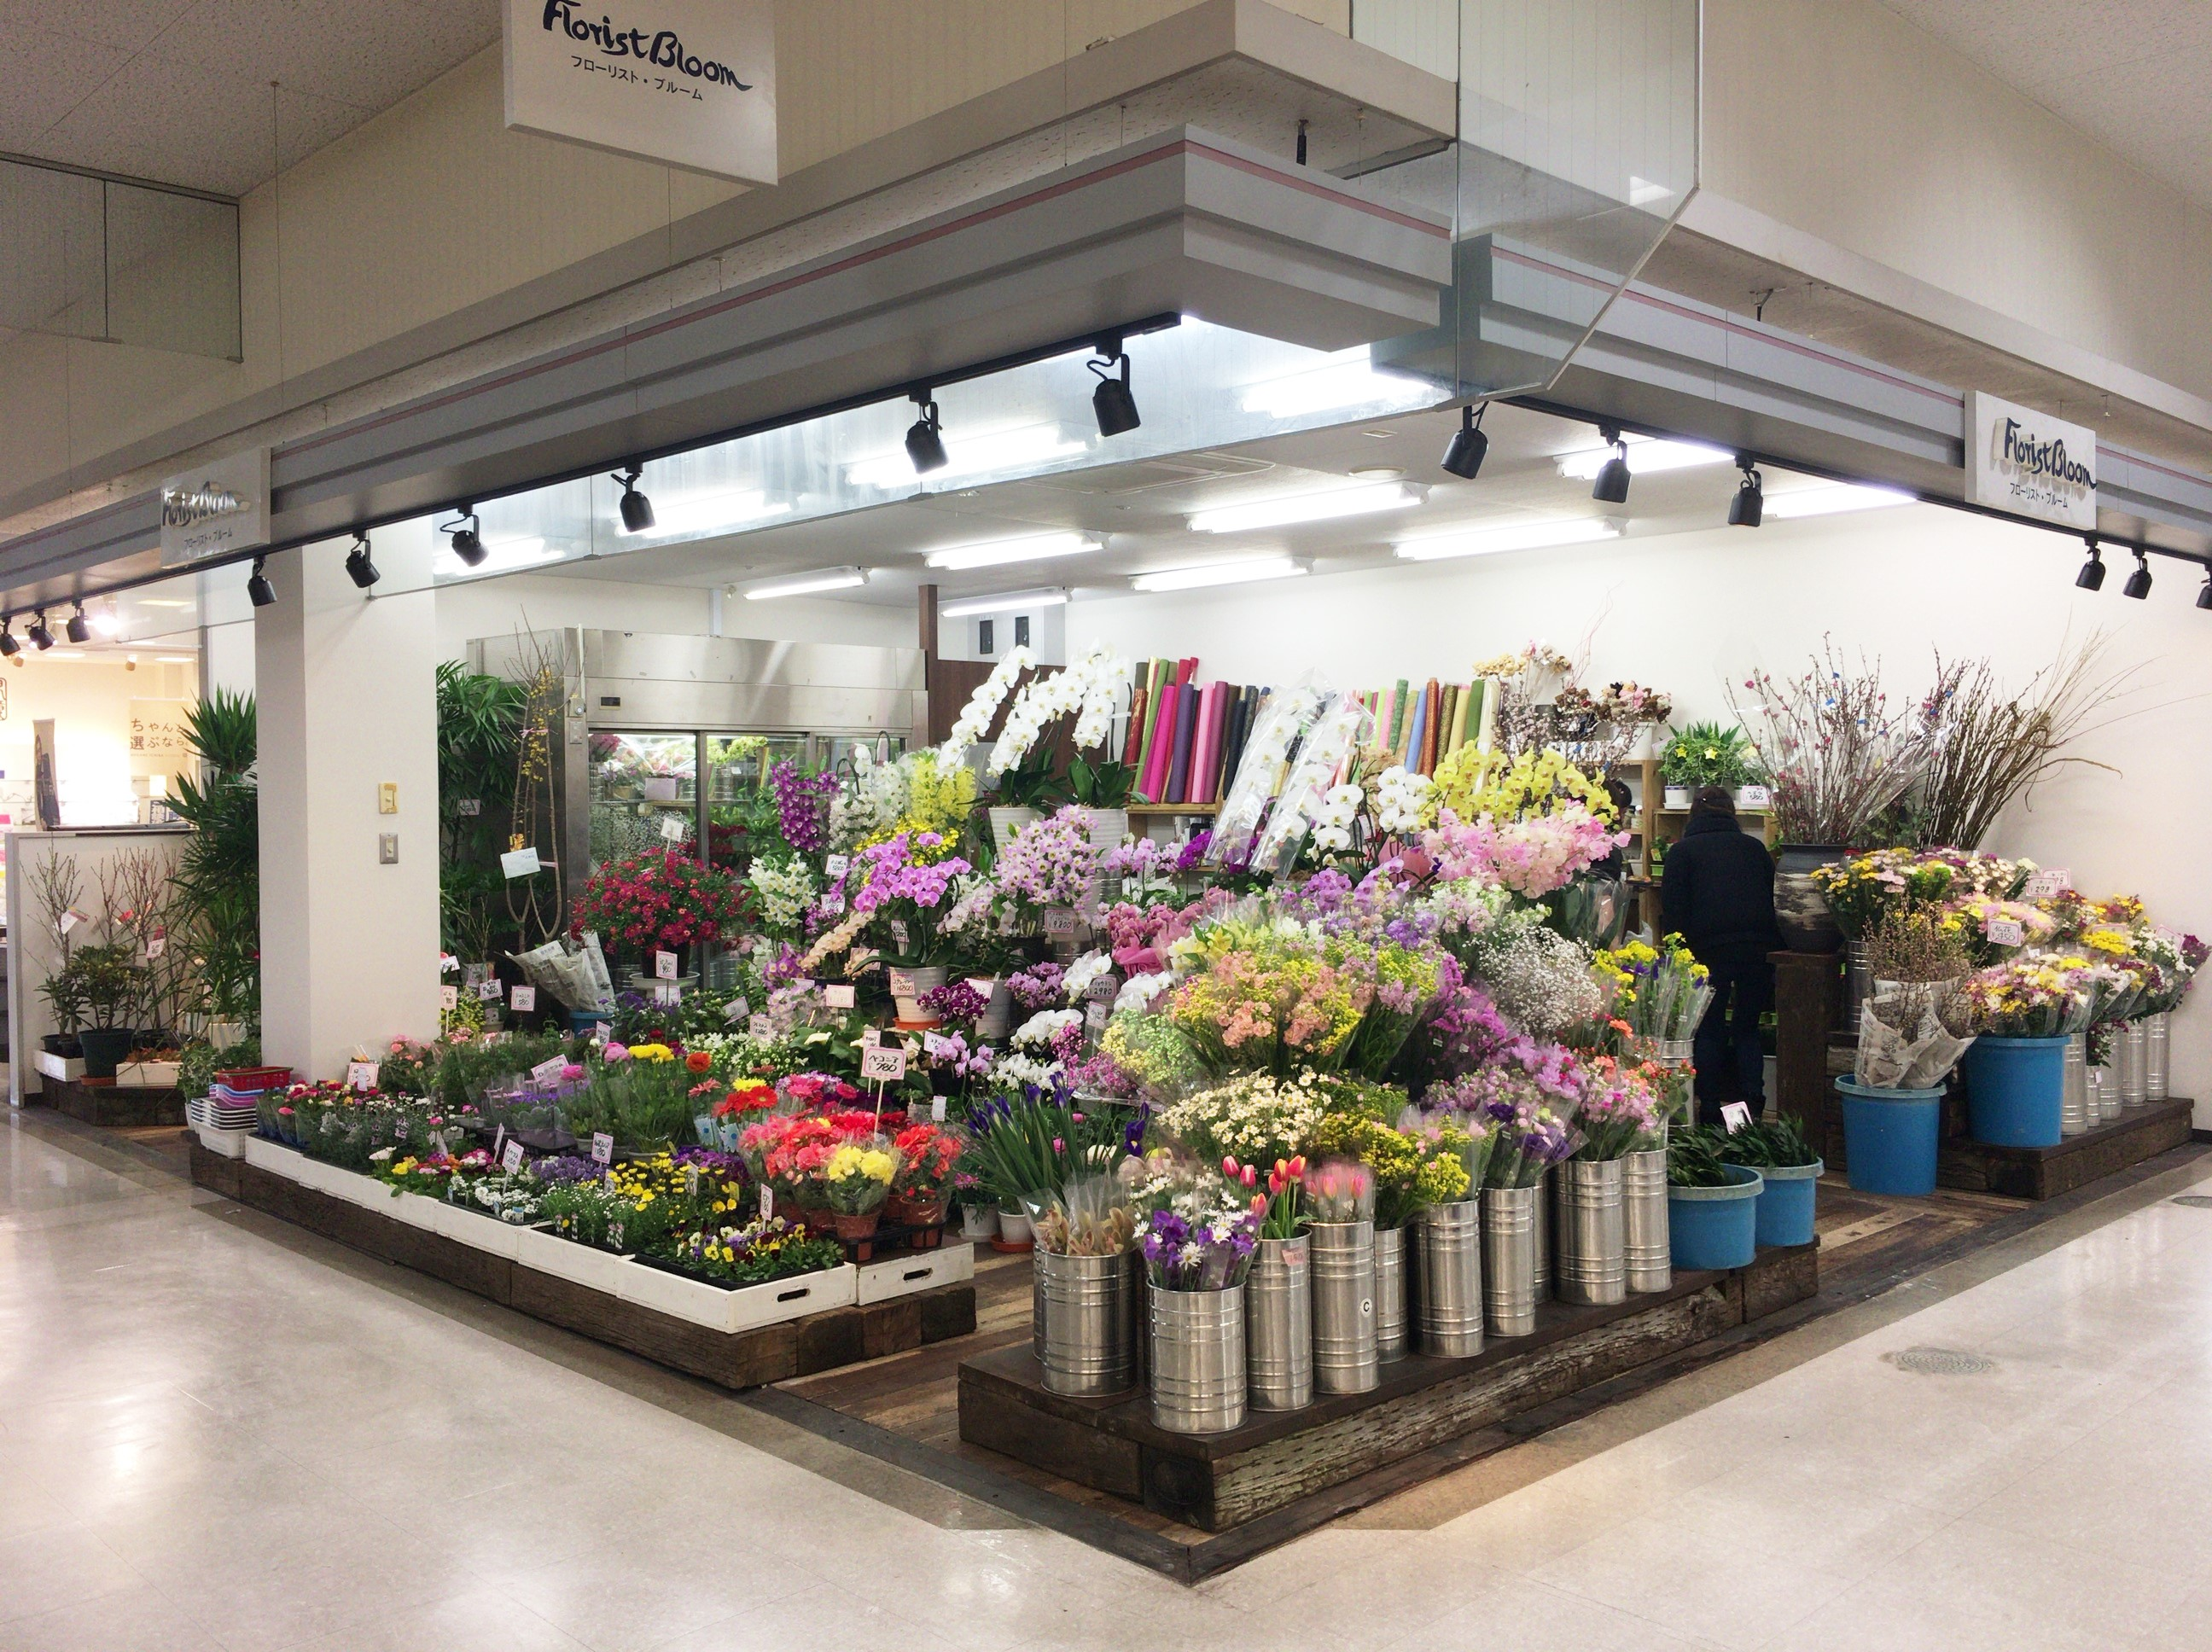 アップルヒルに花屋「フローリスト・ブルーム」が移転オープン!の画像